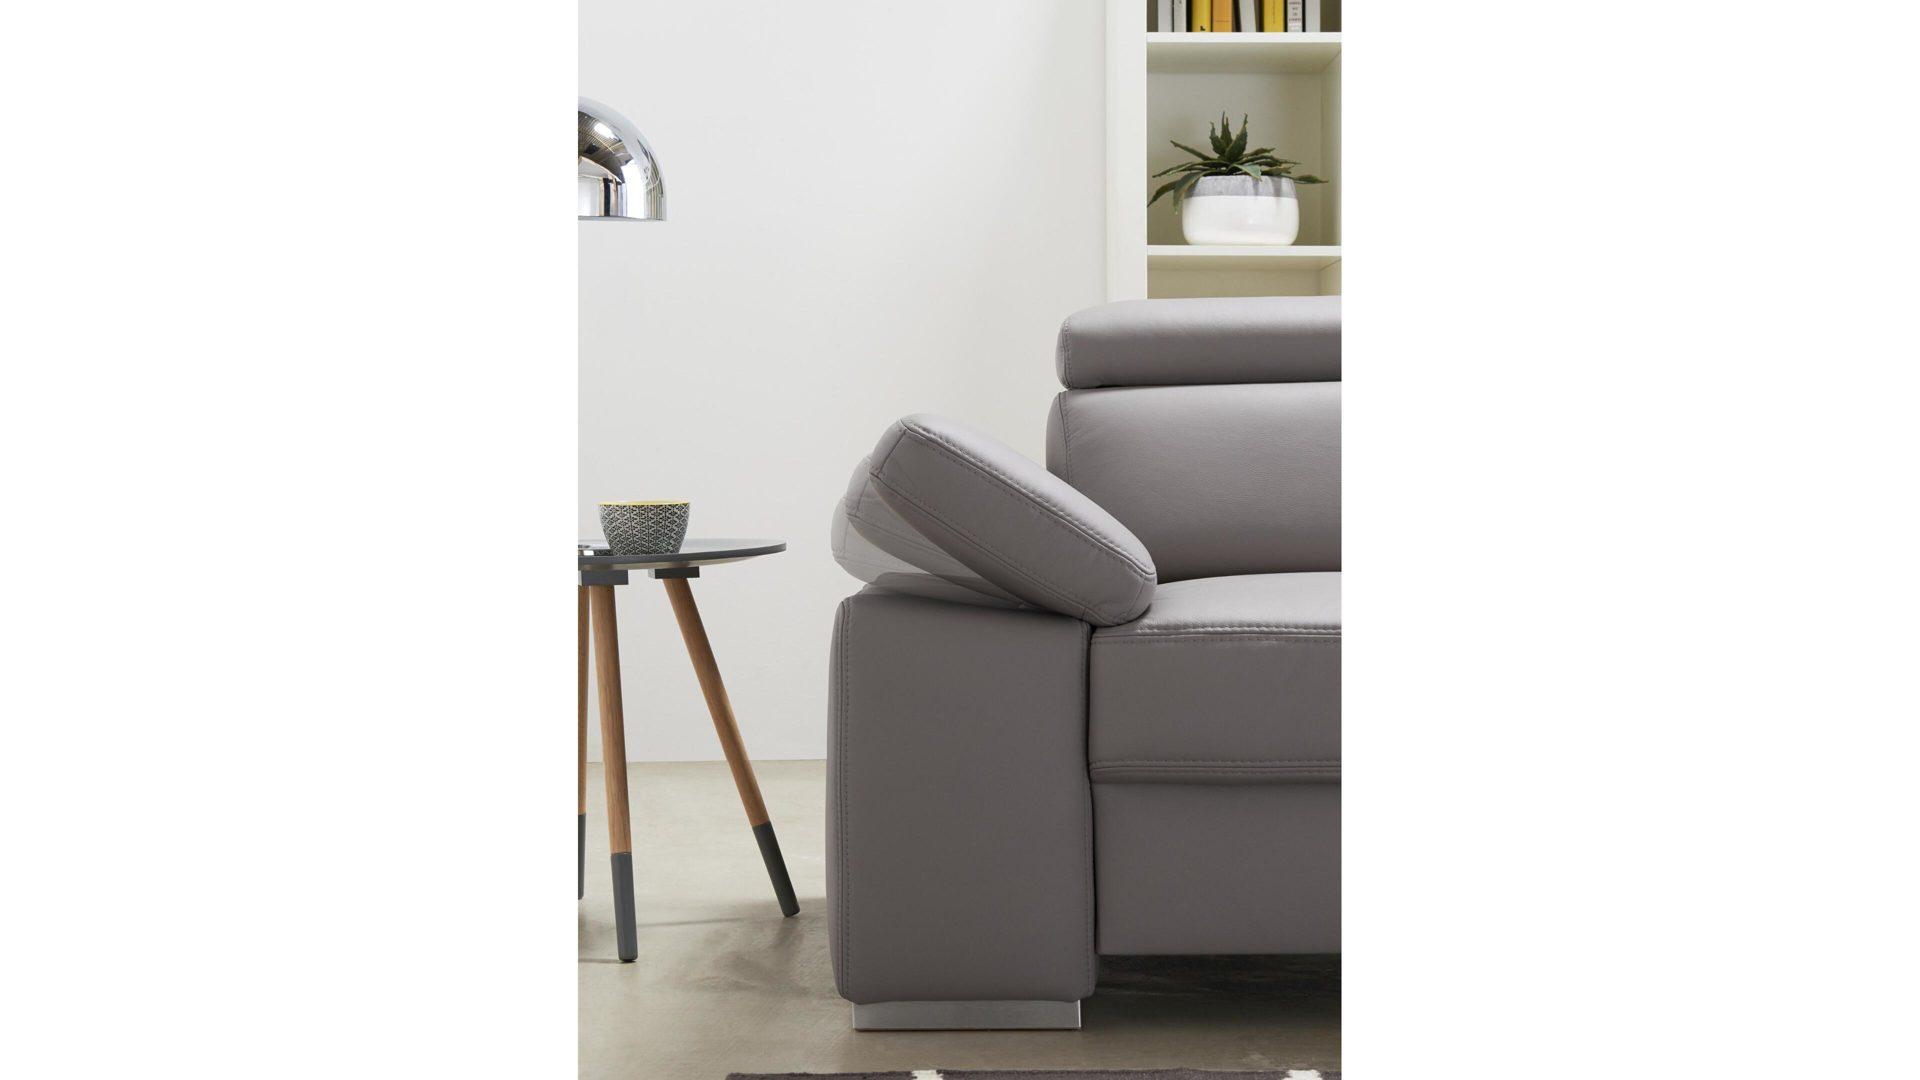 Möbel Bernskötter Mülheim, Räume, Wohnzimmer, Sofas + Couches ...